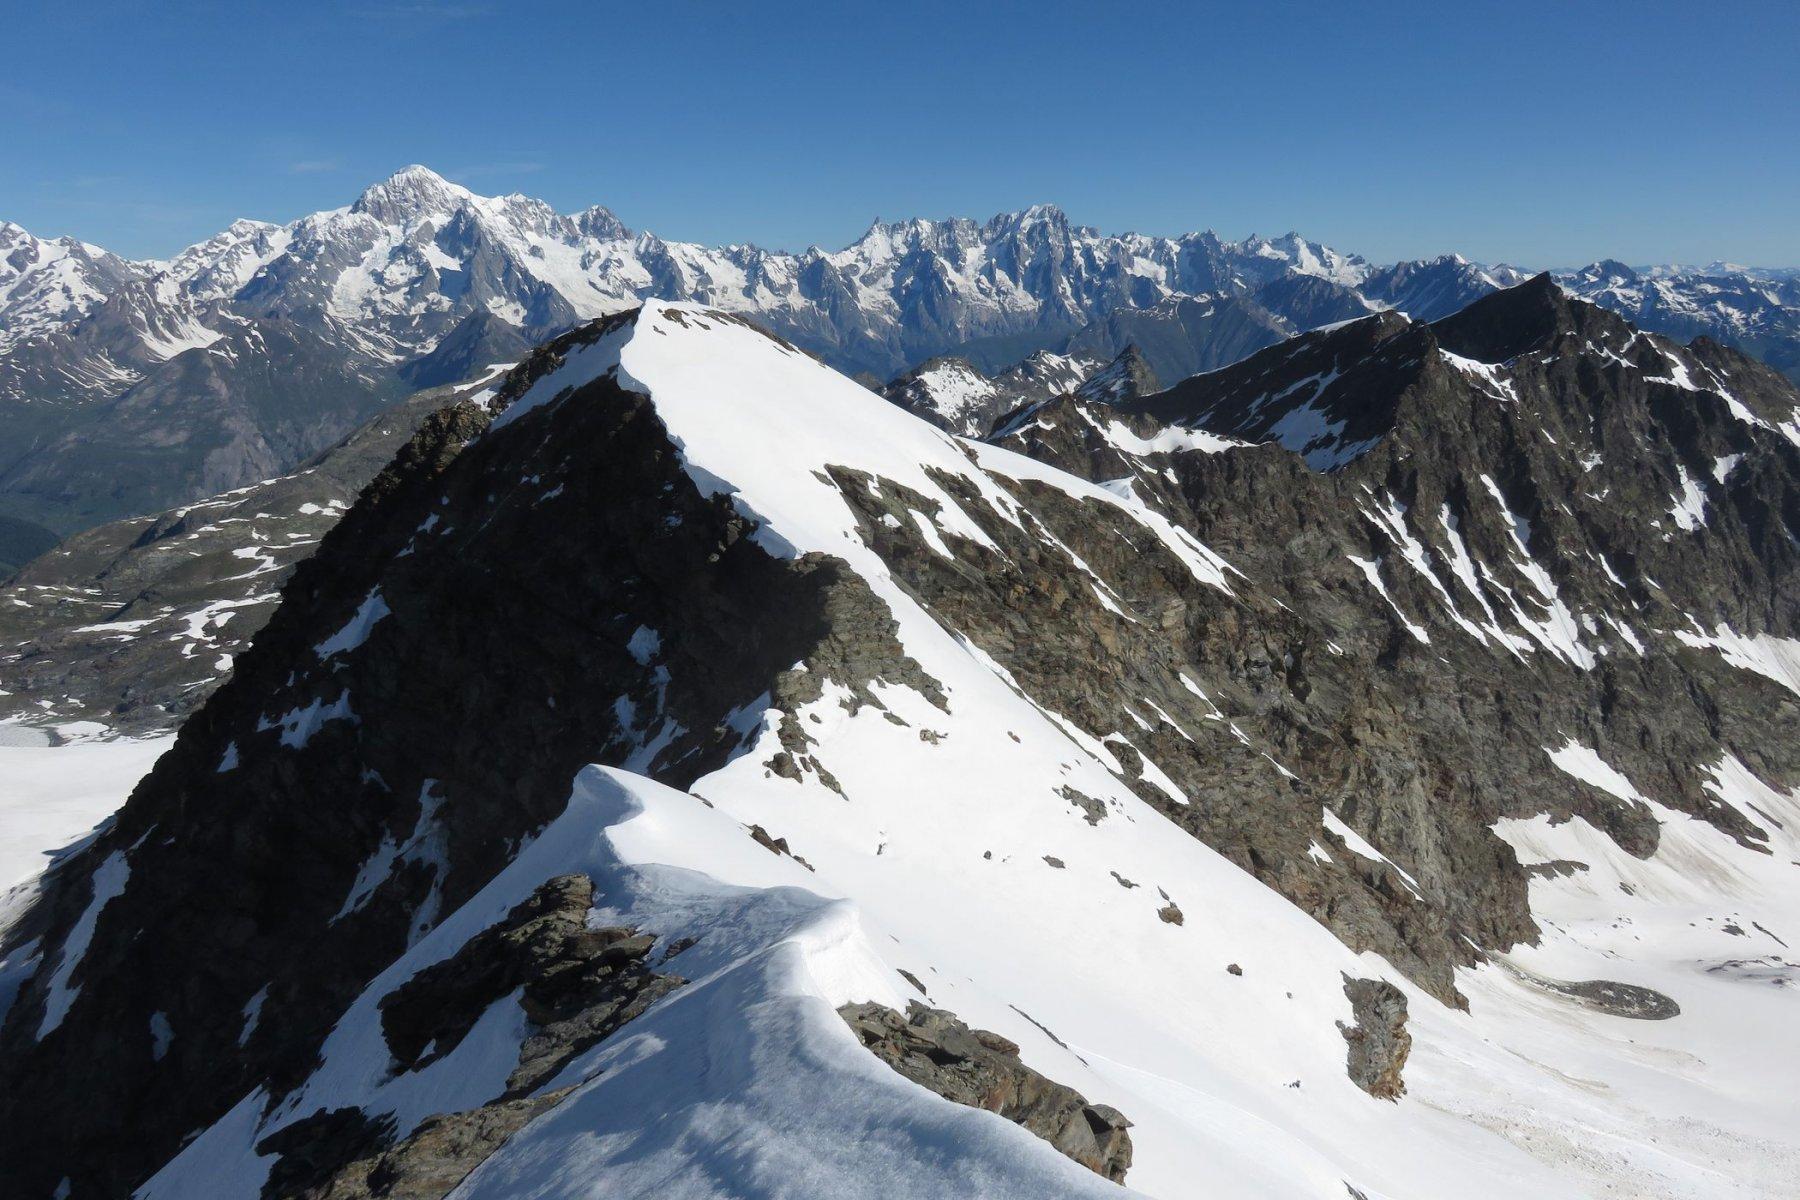 la seconda parte della cresta dalla quota 3337 al Flambeau